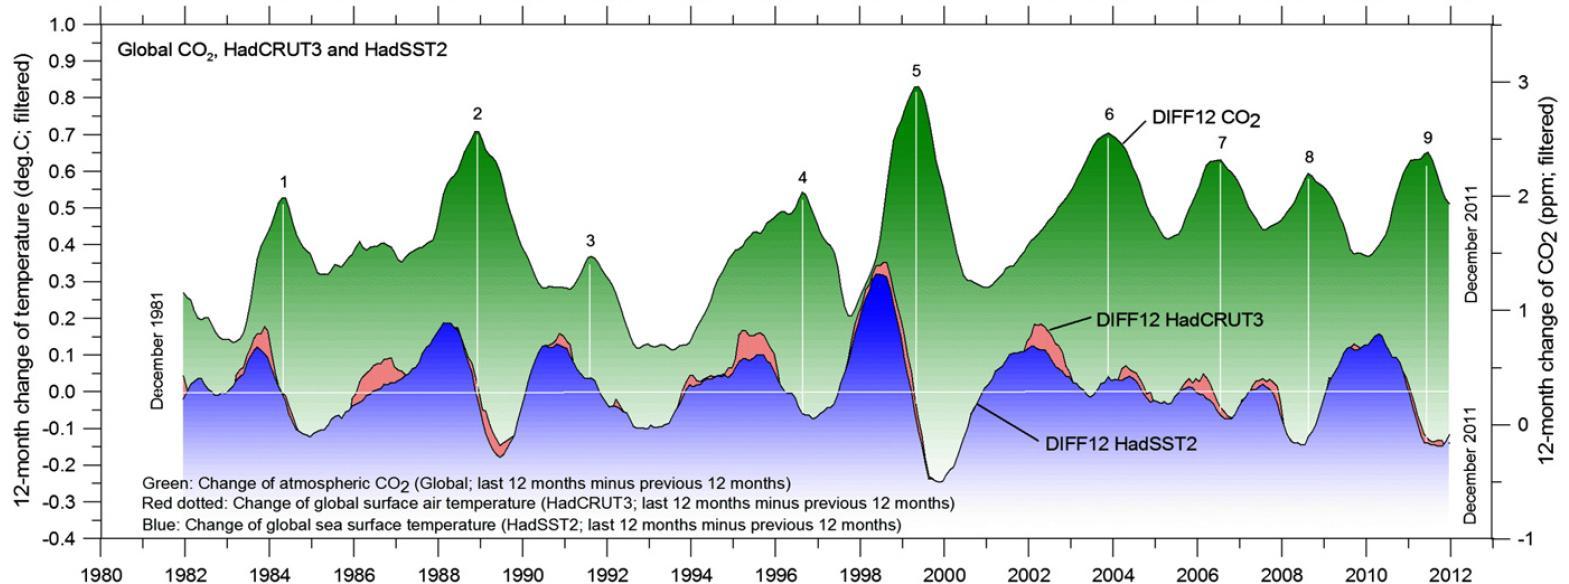 Slika 7 : Primerjava spremembe letnih povprečij temperature s spremembo v koncentraciji CO2: spremembe v koncentraciji CO2 zaostajajo za spremembami temperatur v povprečju med 8 in 11 mesecev. Kar se zgodi kasneje, ne more biti vzrok, pač pa kvečjemu posledica tistega, kar se je zgodilo prej (če že ni zgolj naključna korelacija).